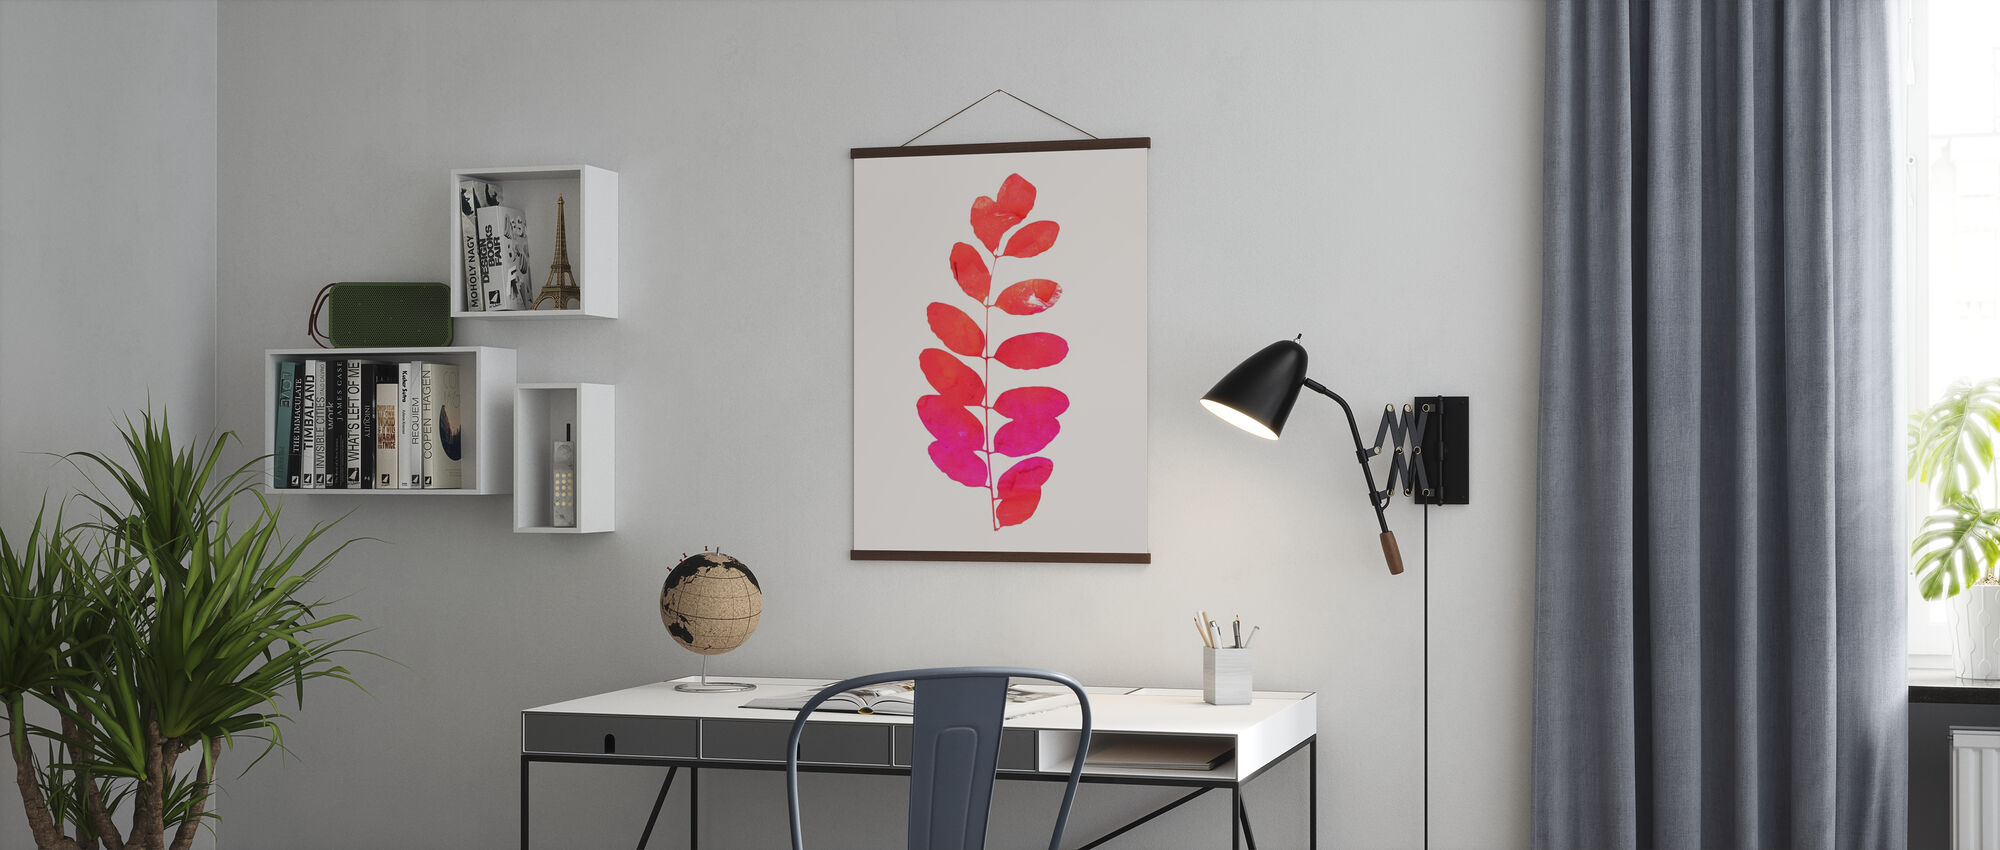 Leaf - Pink - Poster - Office